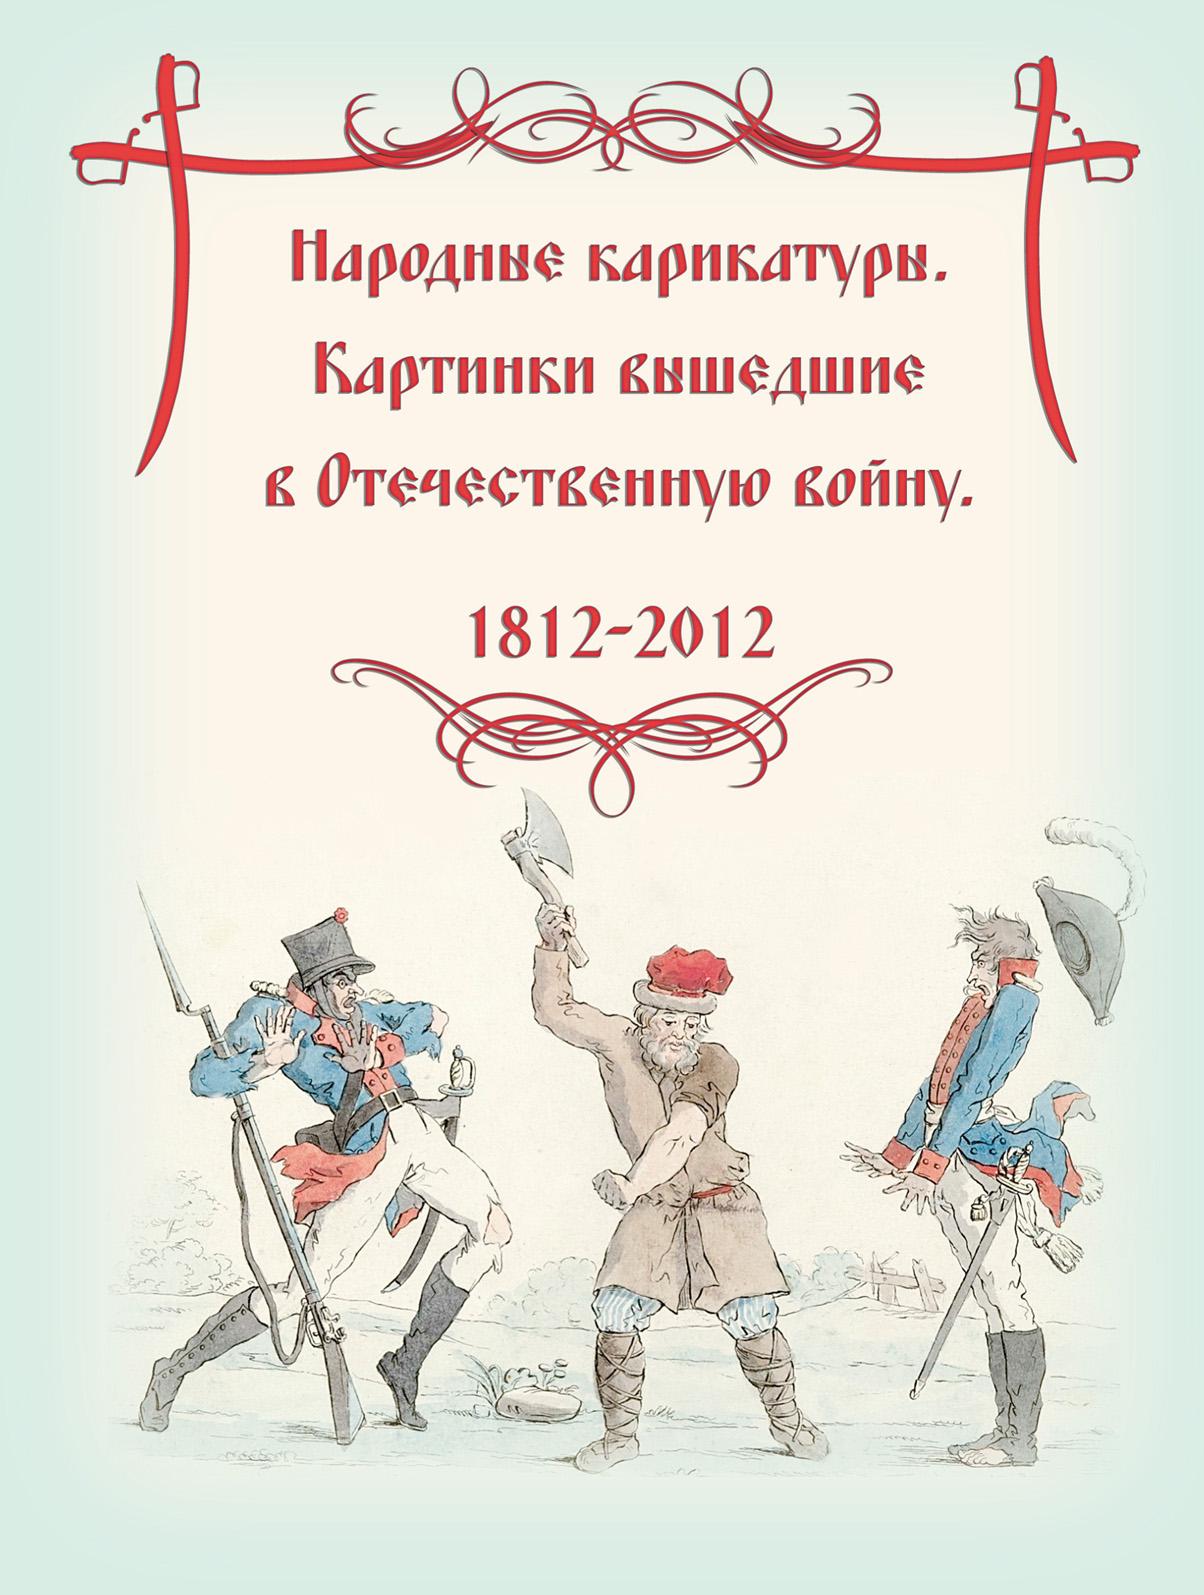 Народные карикатуры. Картинки вышедшие в Отечественную войну